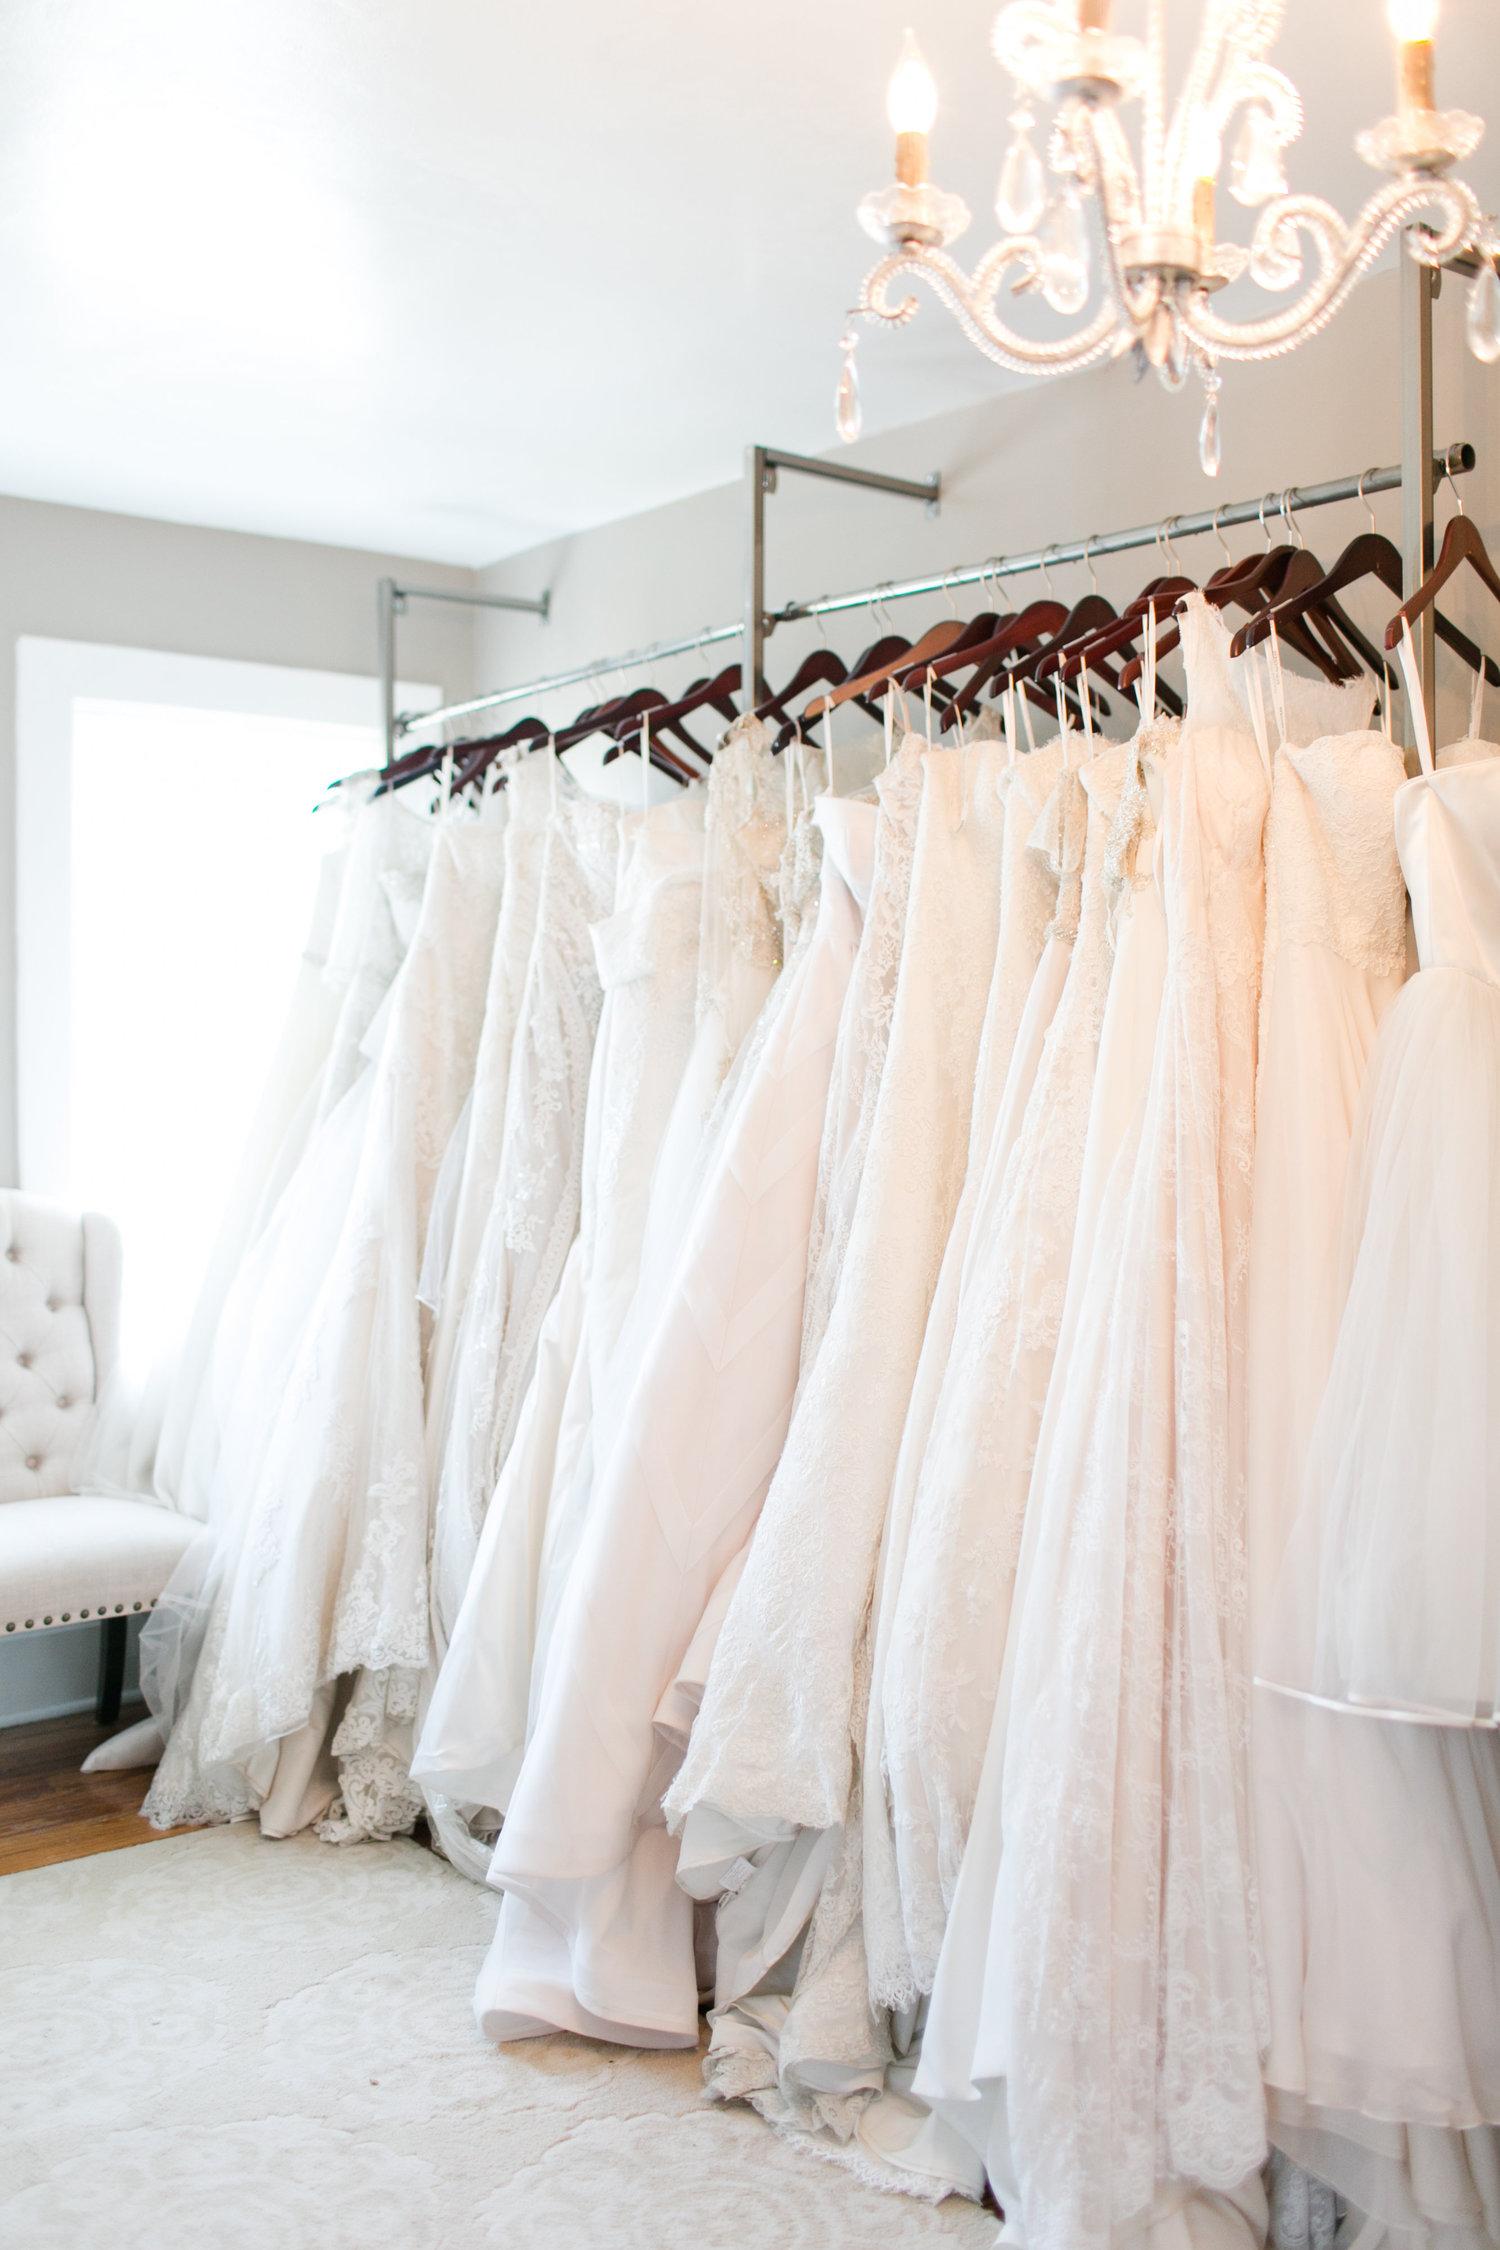 lead bridal consultant